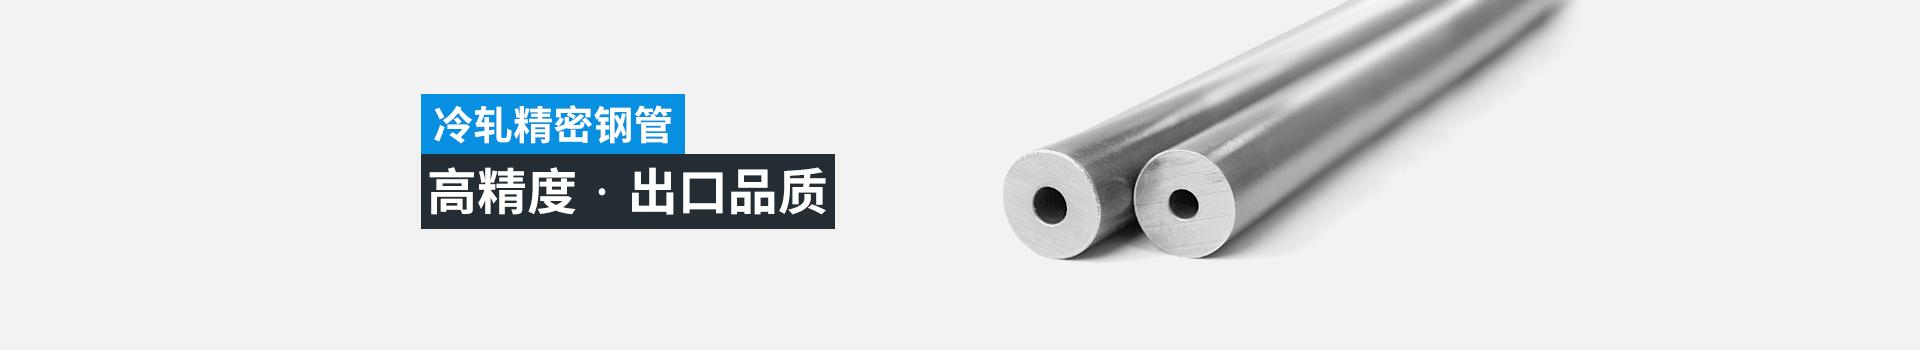 天展冷轧精密钢管-高压防爆·出口品质